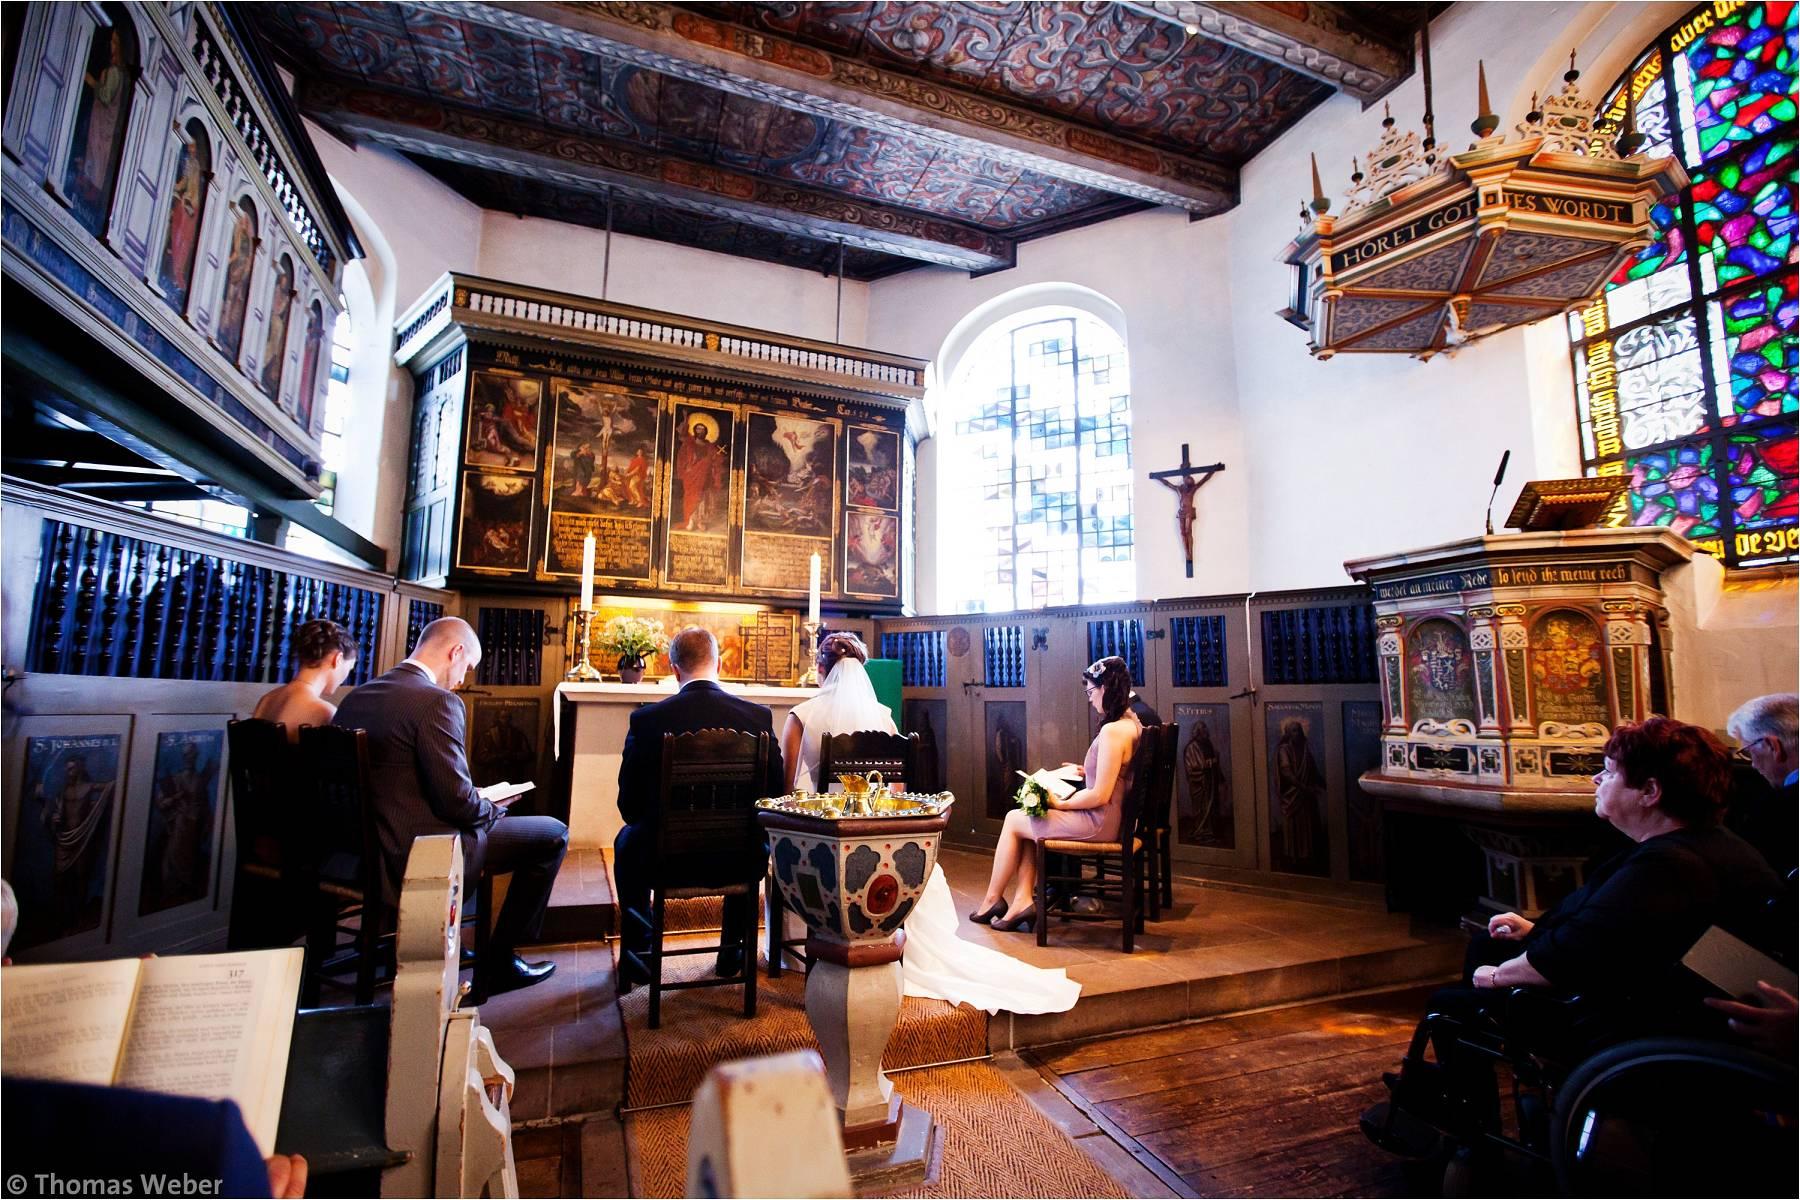 Hochzeitsfotograf Oldenburg: Kirchliche Trauung in der Dreifaltigkeitskirche und Feier im Etzhorner Krug (3)